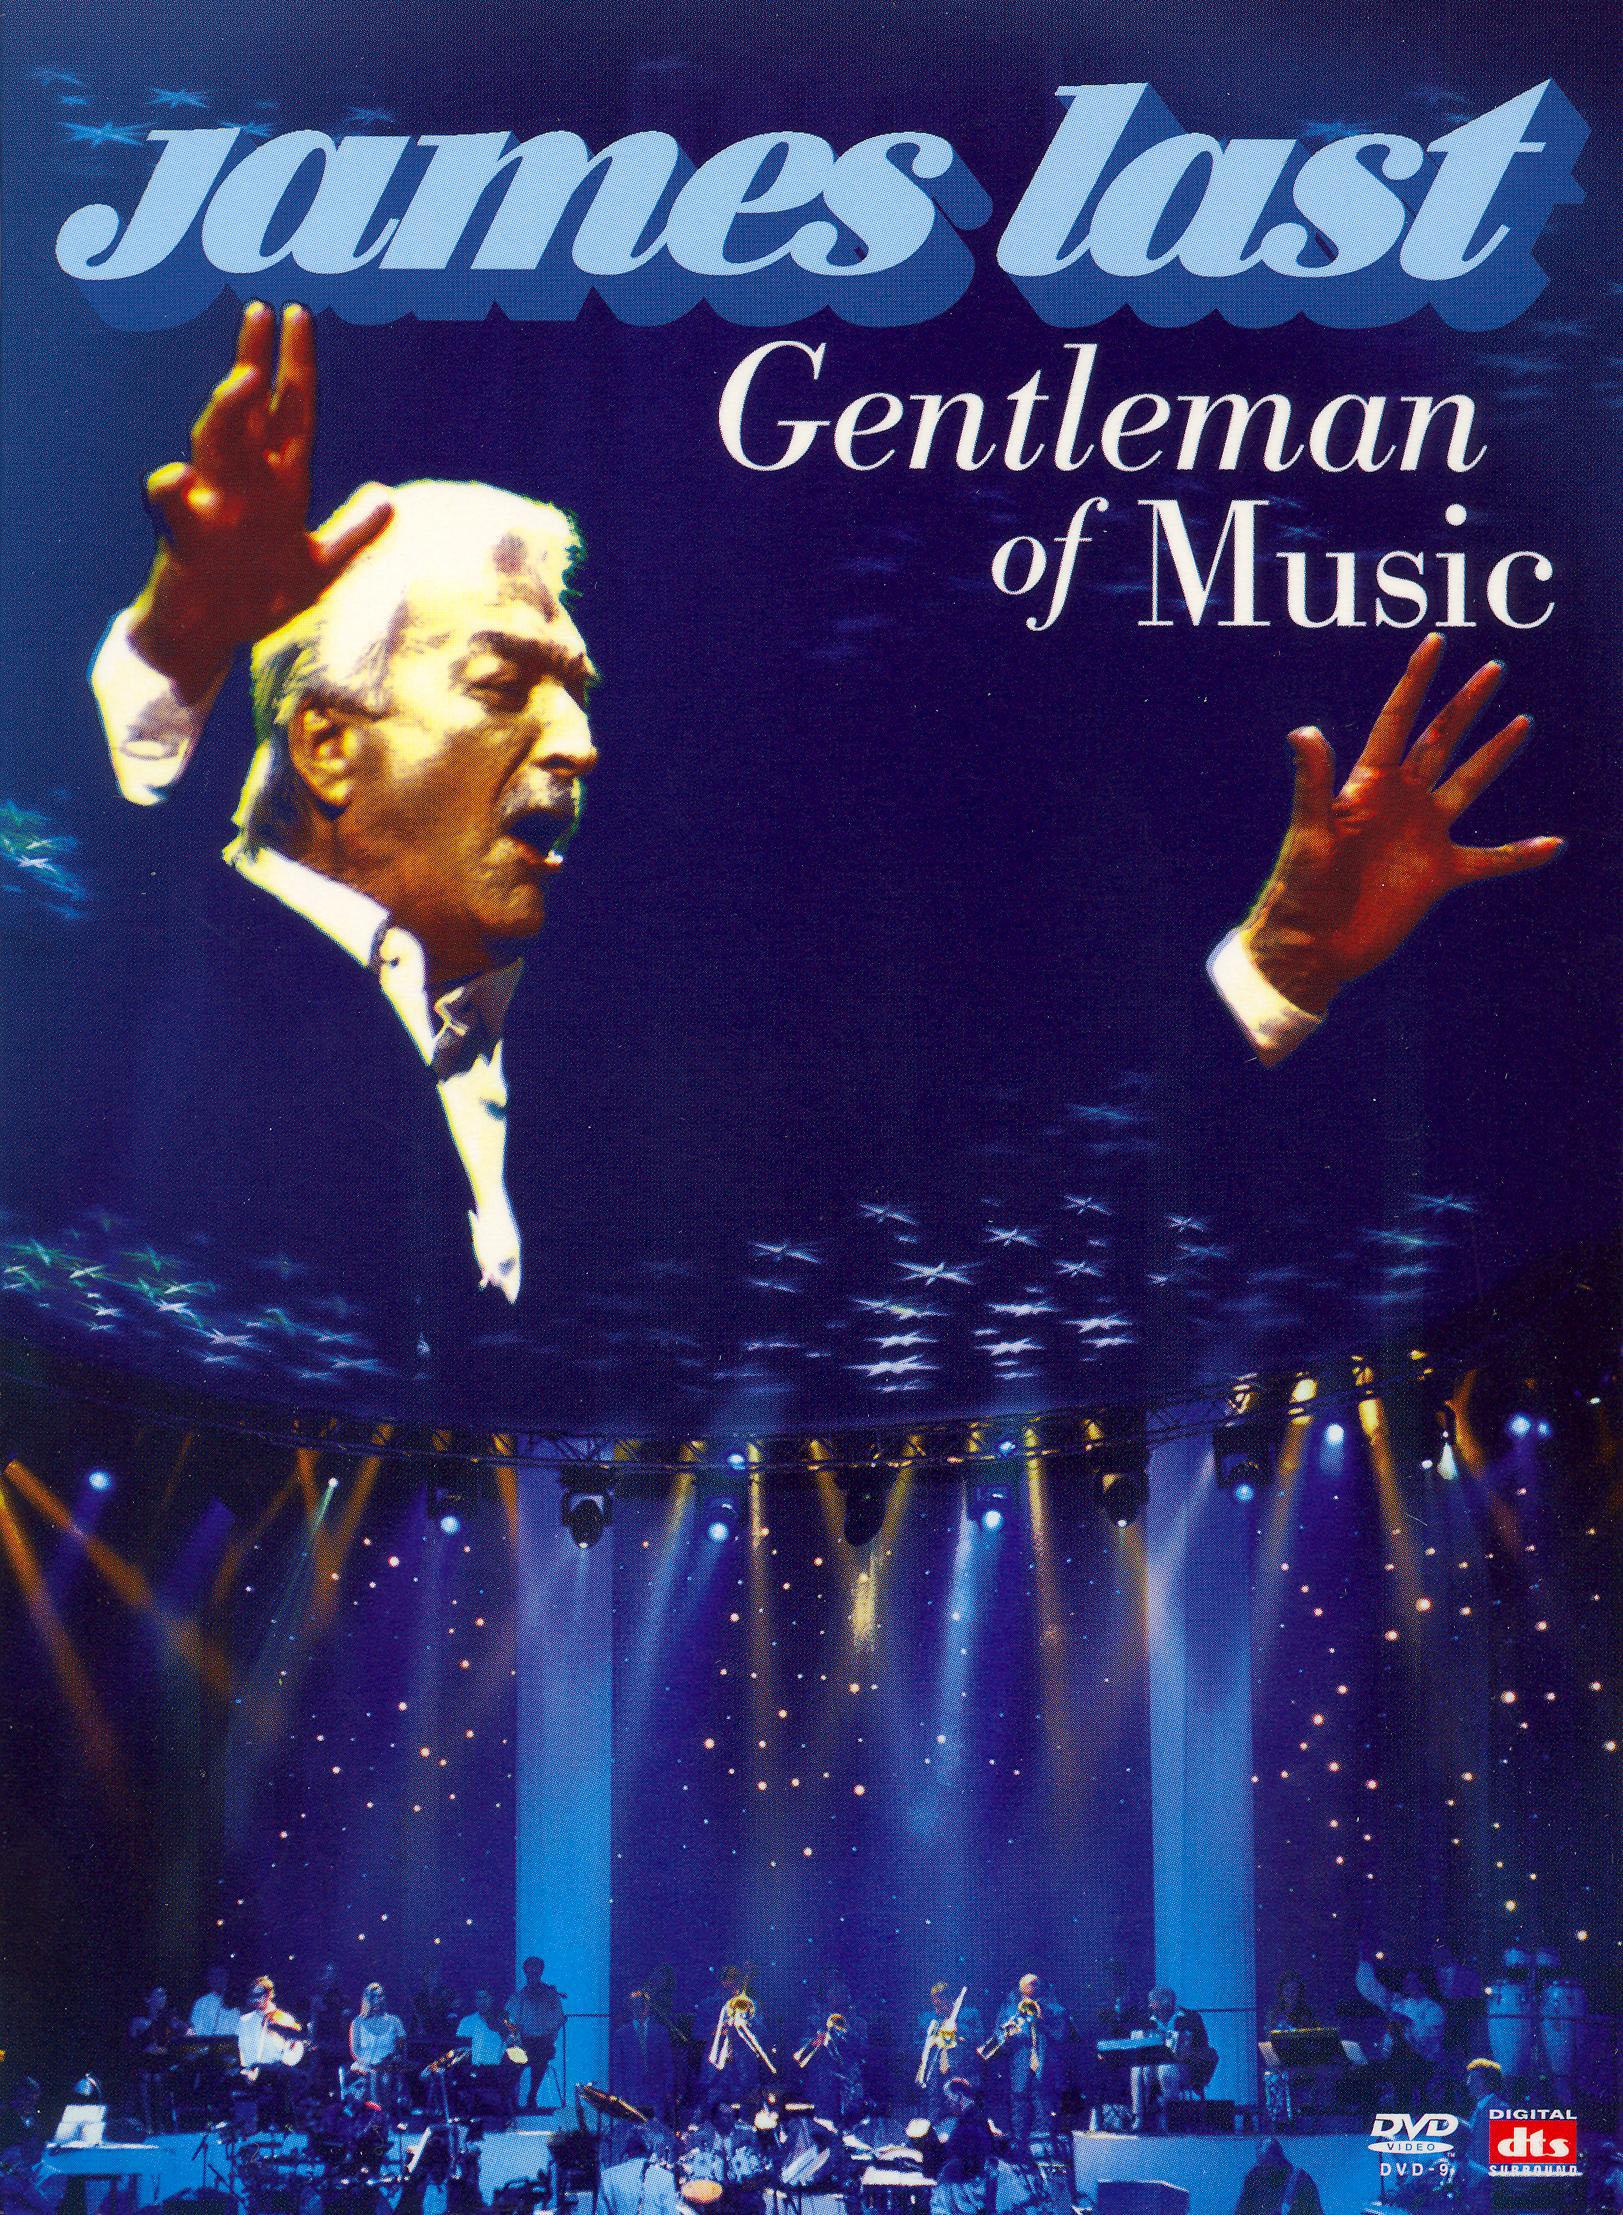 James Last: The Gentleman of Music